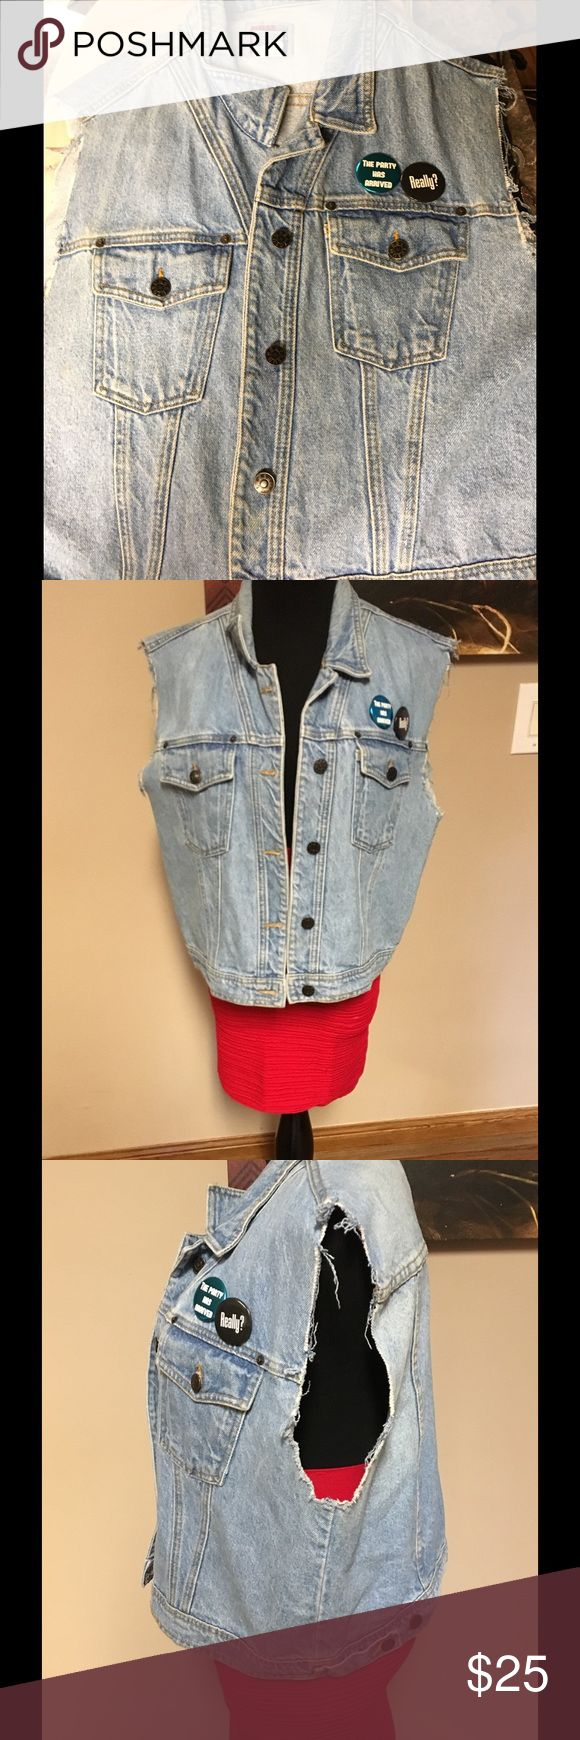 Vintage denim vest Sun belt vintage vest.. With added buttons.. Unisex.. Vintage pieces may or may not fit tts Sunbelt Jackets & Coats Vests